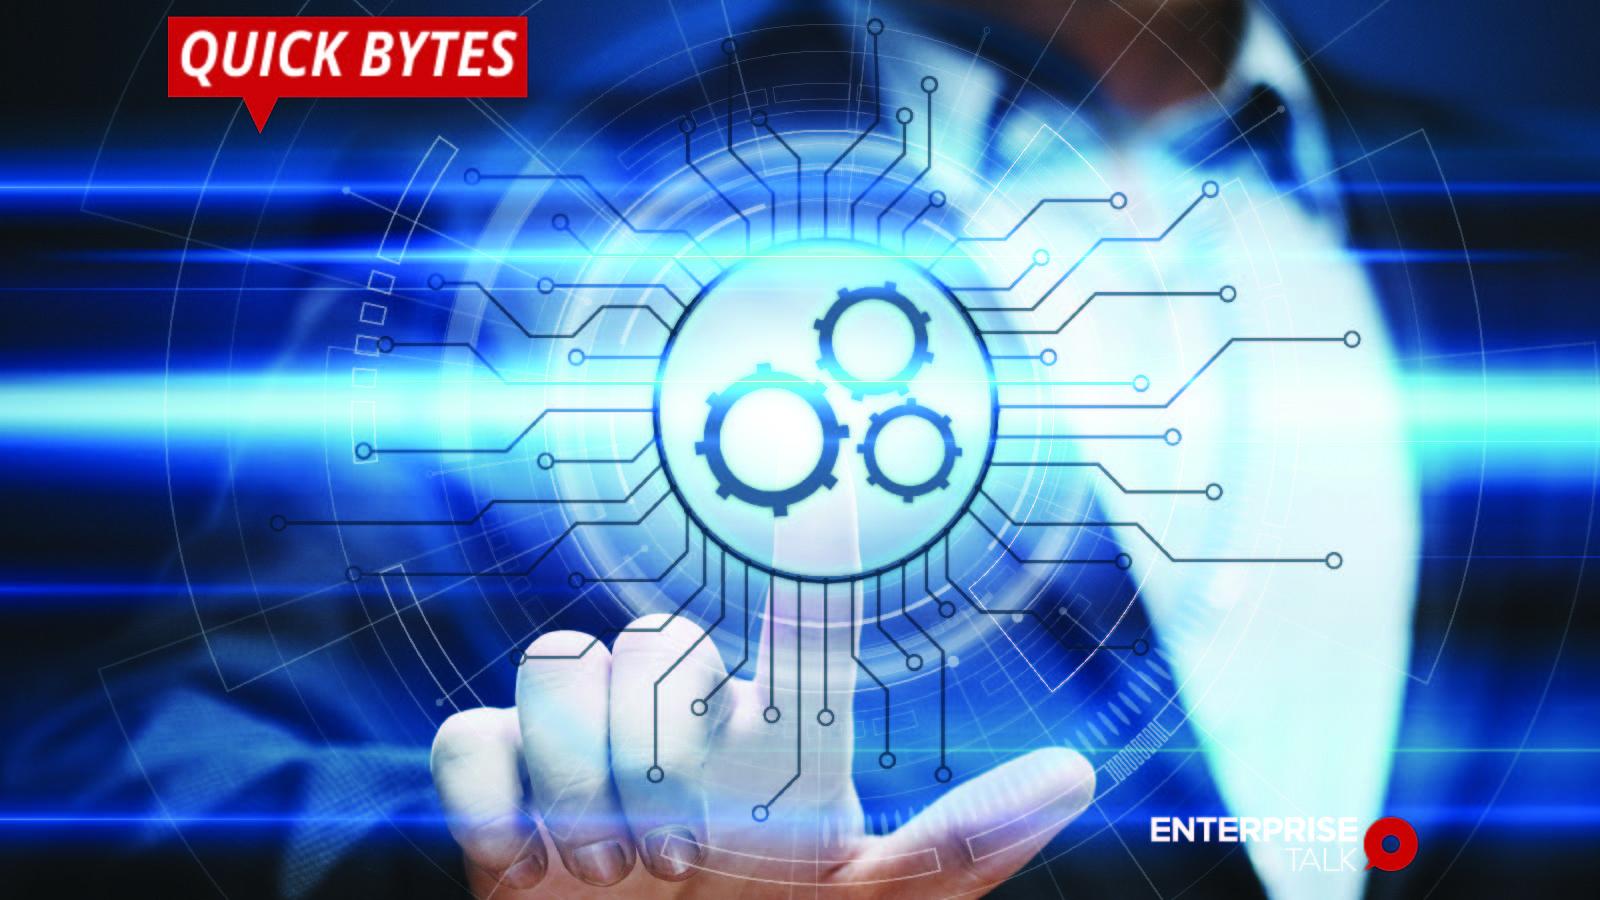 Nutanix, DevOps, Integration, ServiceNow, IT, Nutanix Calm, automate infrastructure, application, cloud management